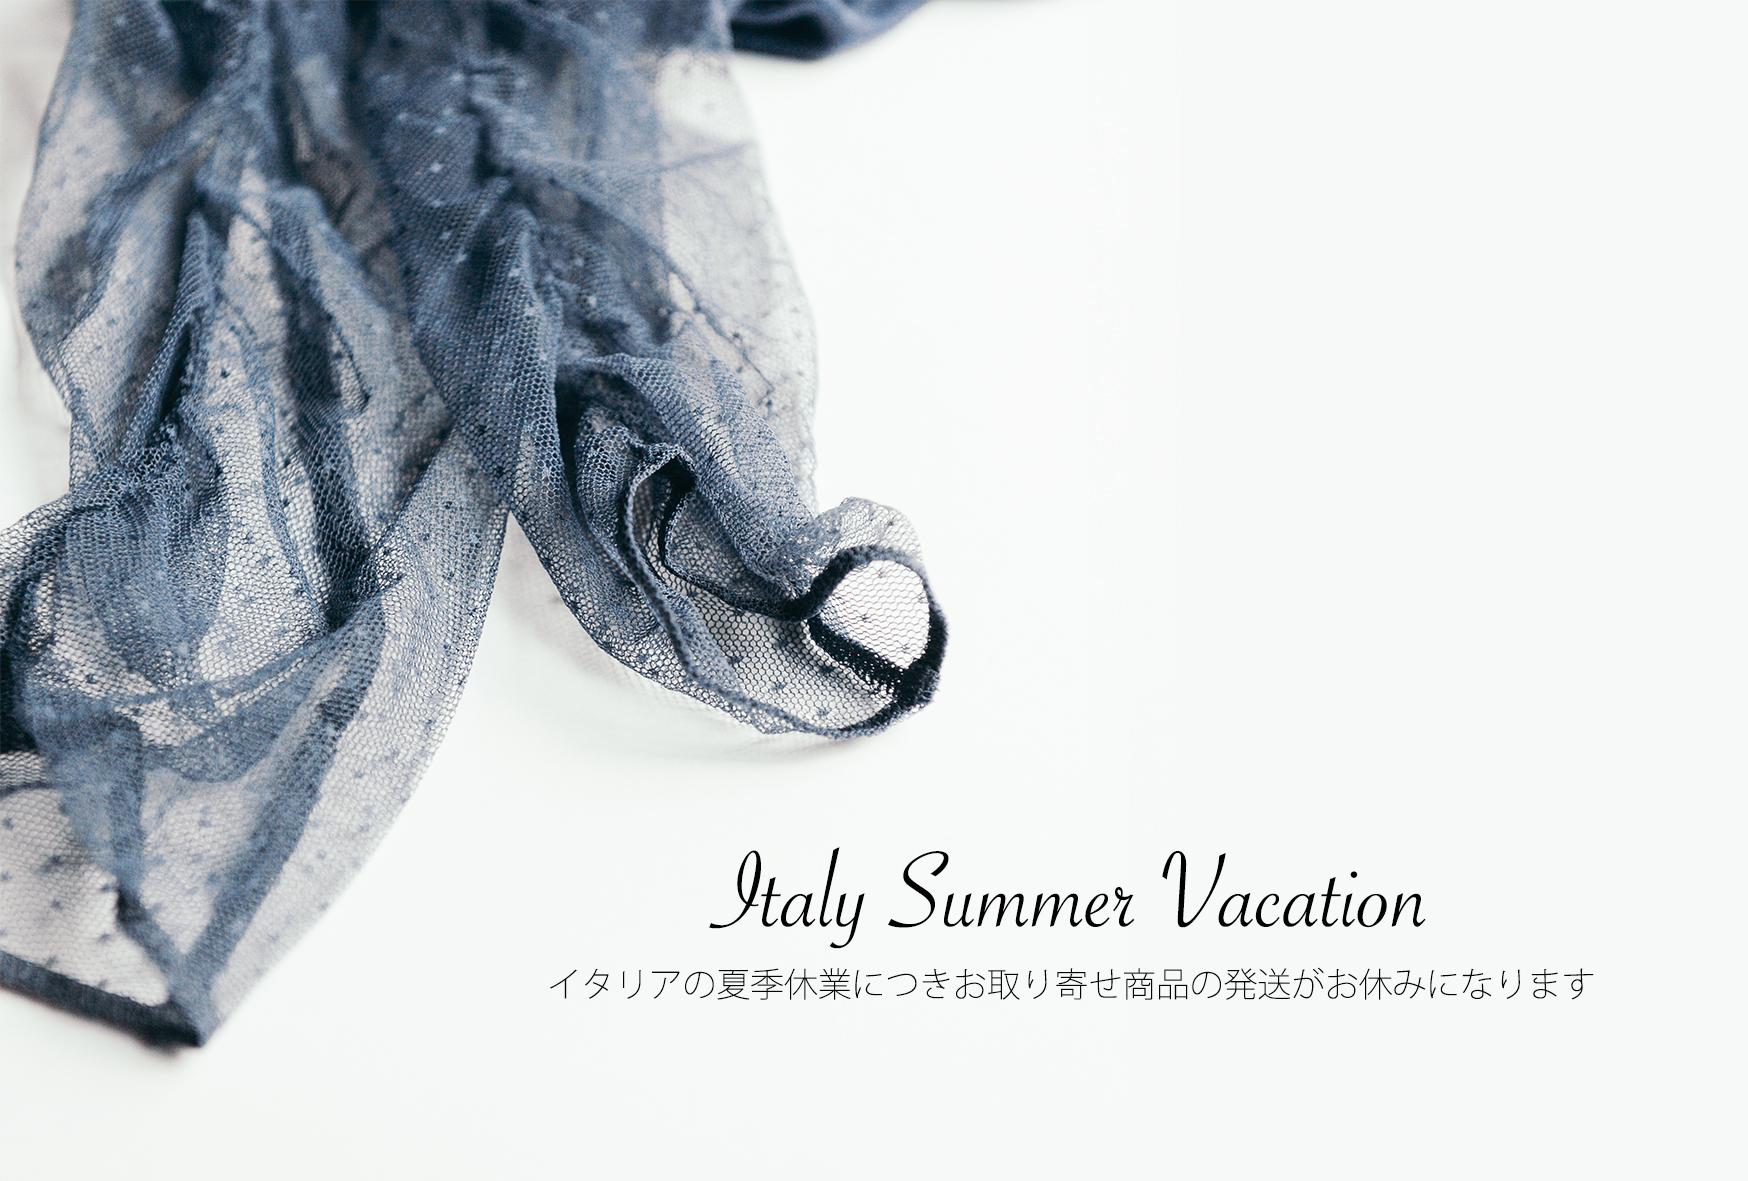 イタリアの夏季休業につきお取り寄せ商品の発送がお休みになります